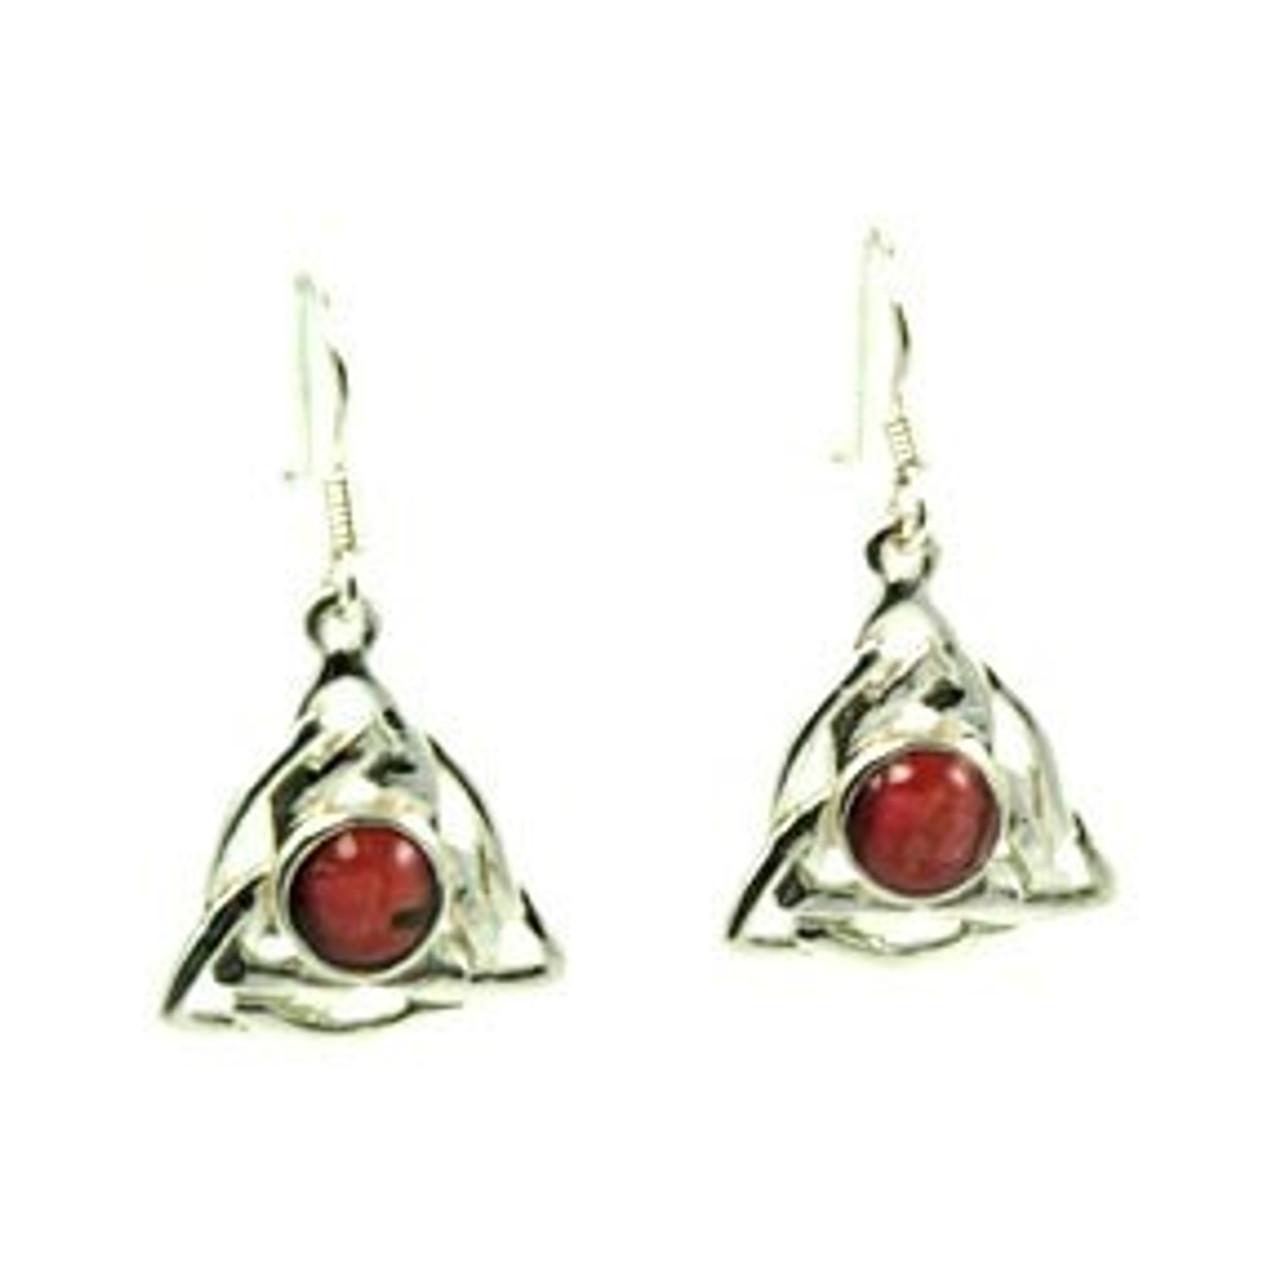 Triangular Celtic Knot Earrings